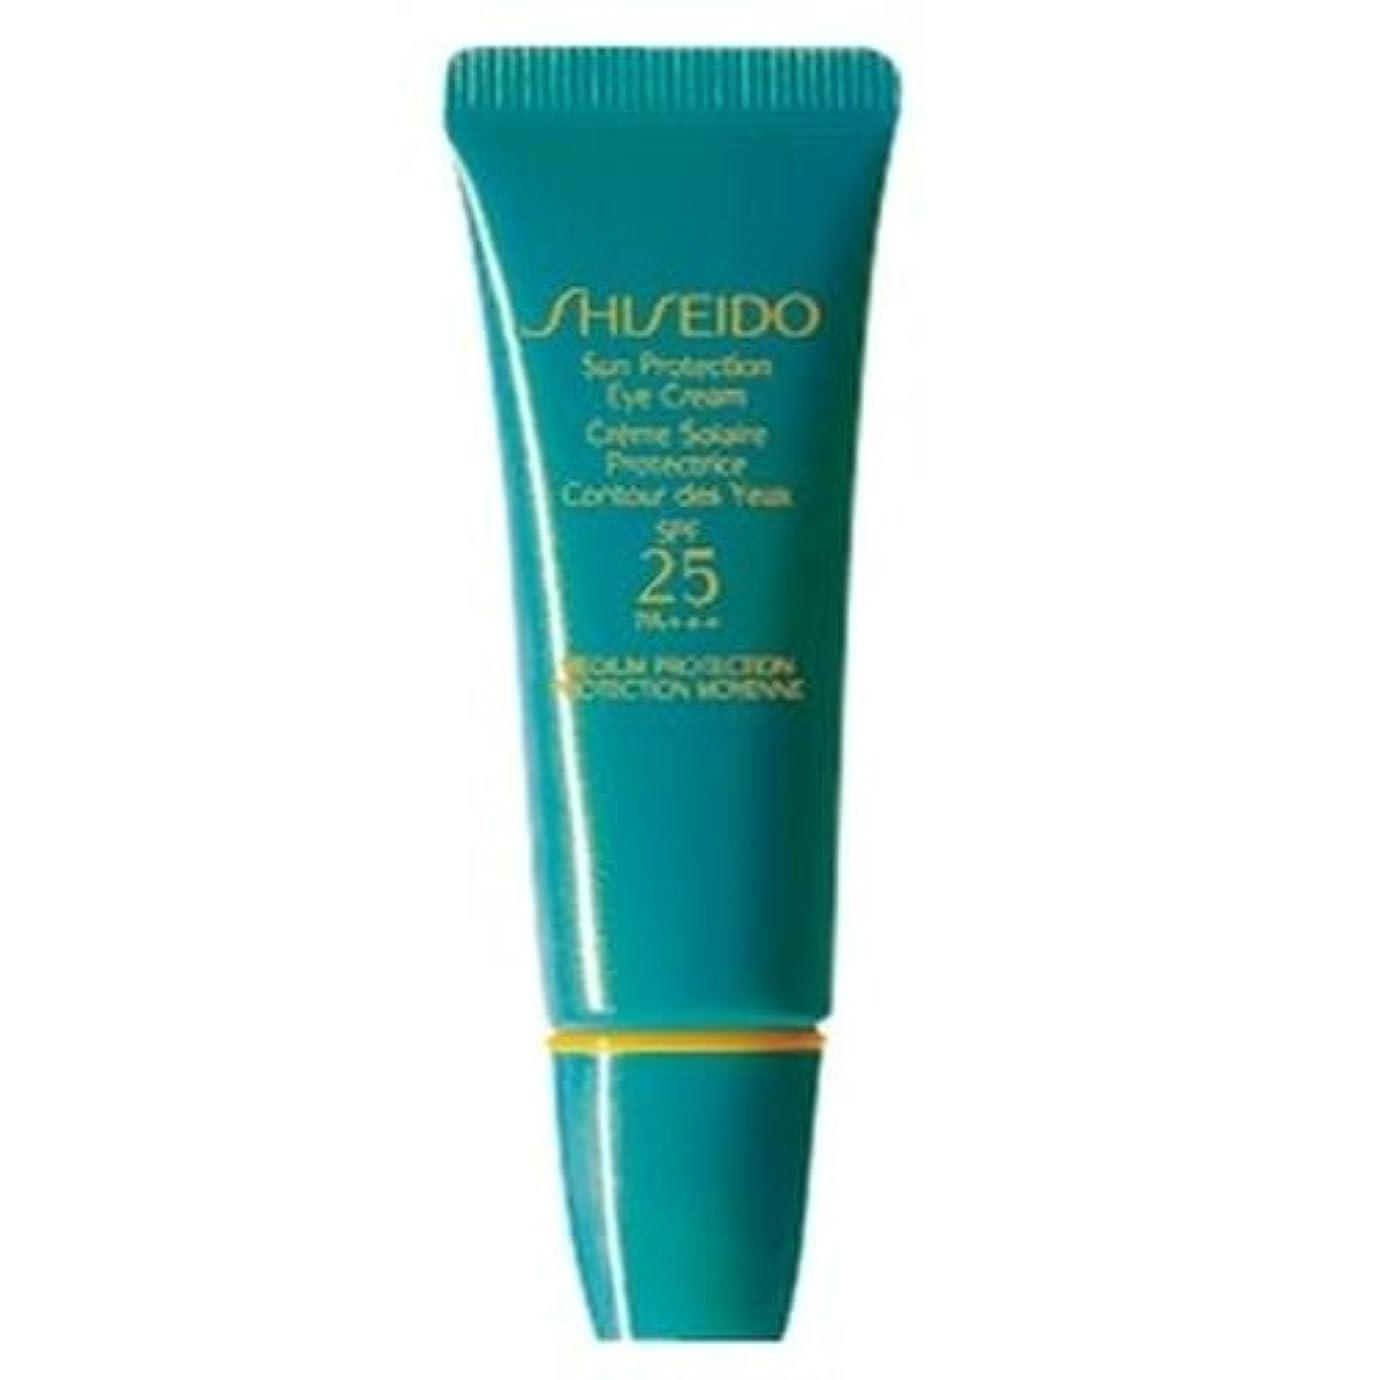 ヒロイン柔らかさフィラデルフィア[Shiseido] 資生堂サンプロテクションアイクリーム15ミリリットル - Shiseido Sun Protection Eye Cream 15ml [並行輸入品]